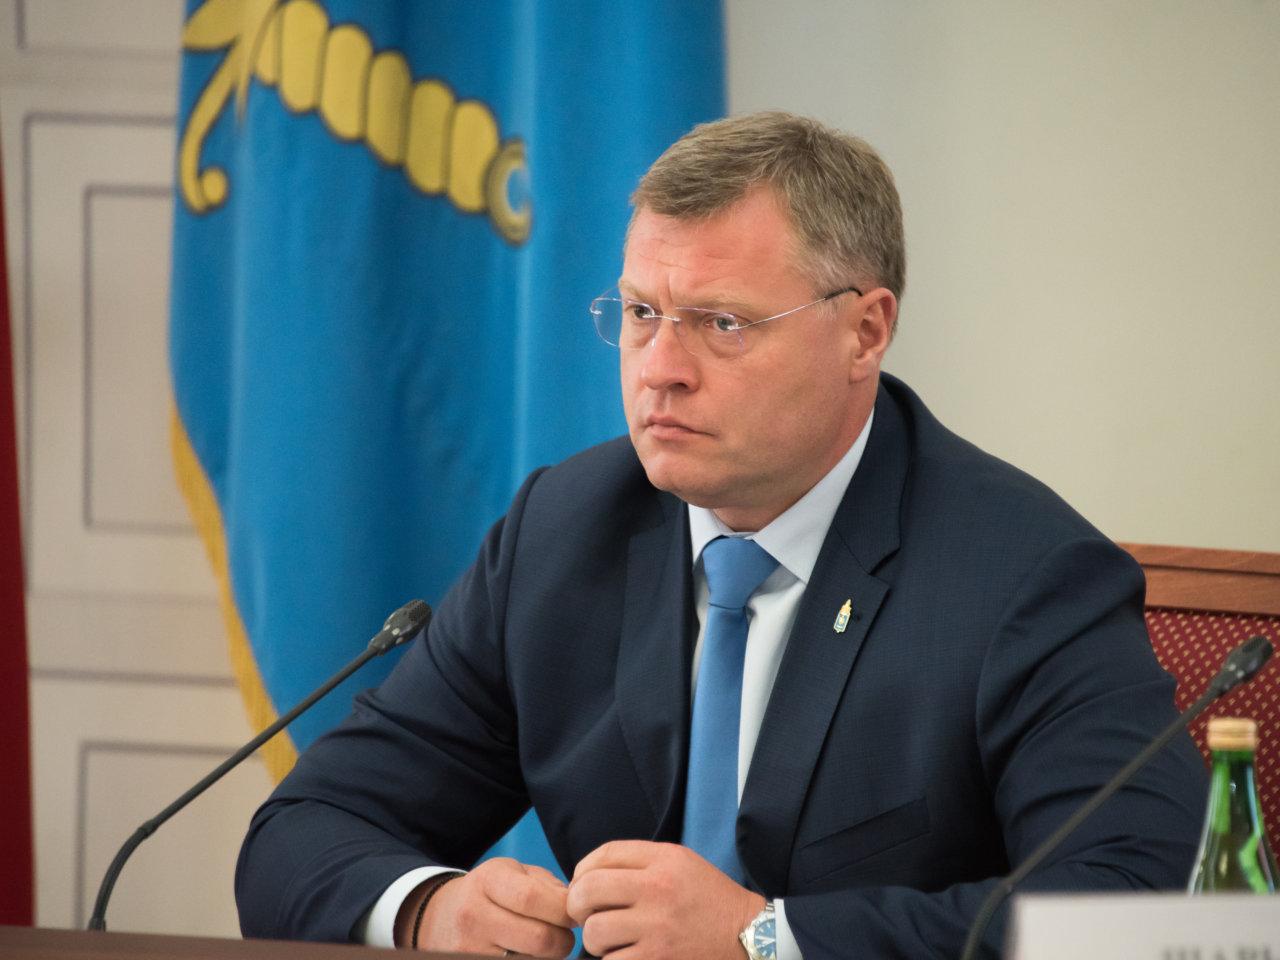 Игорь Бабушкин: Астрахань заслуживает звания «Город трудовой доблести»